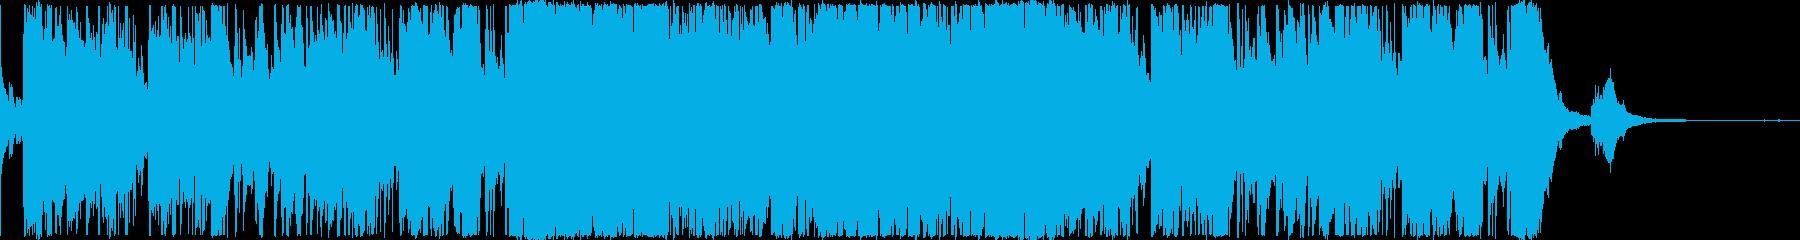 ロマンチックなバー・ジャズファンク・1分の再生済みの波形